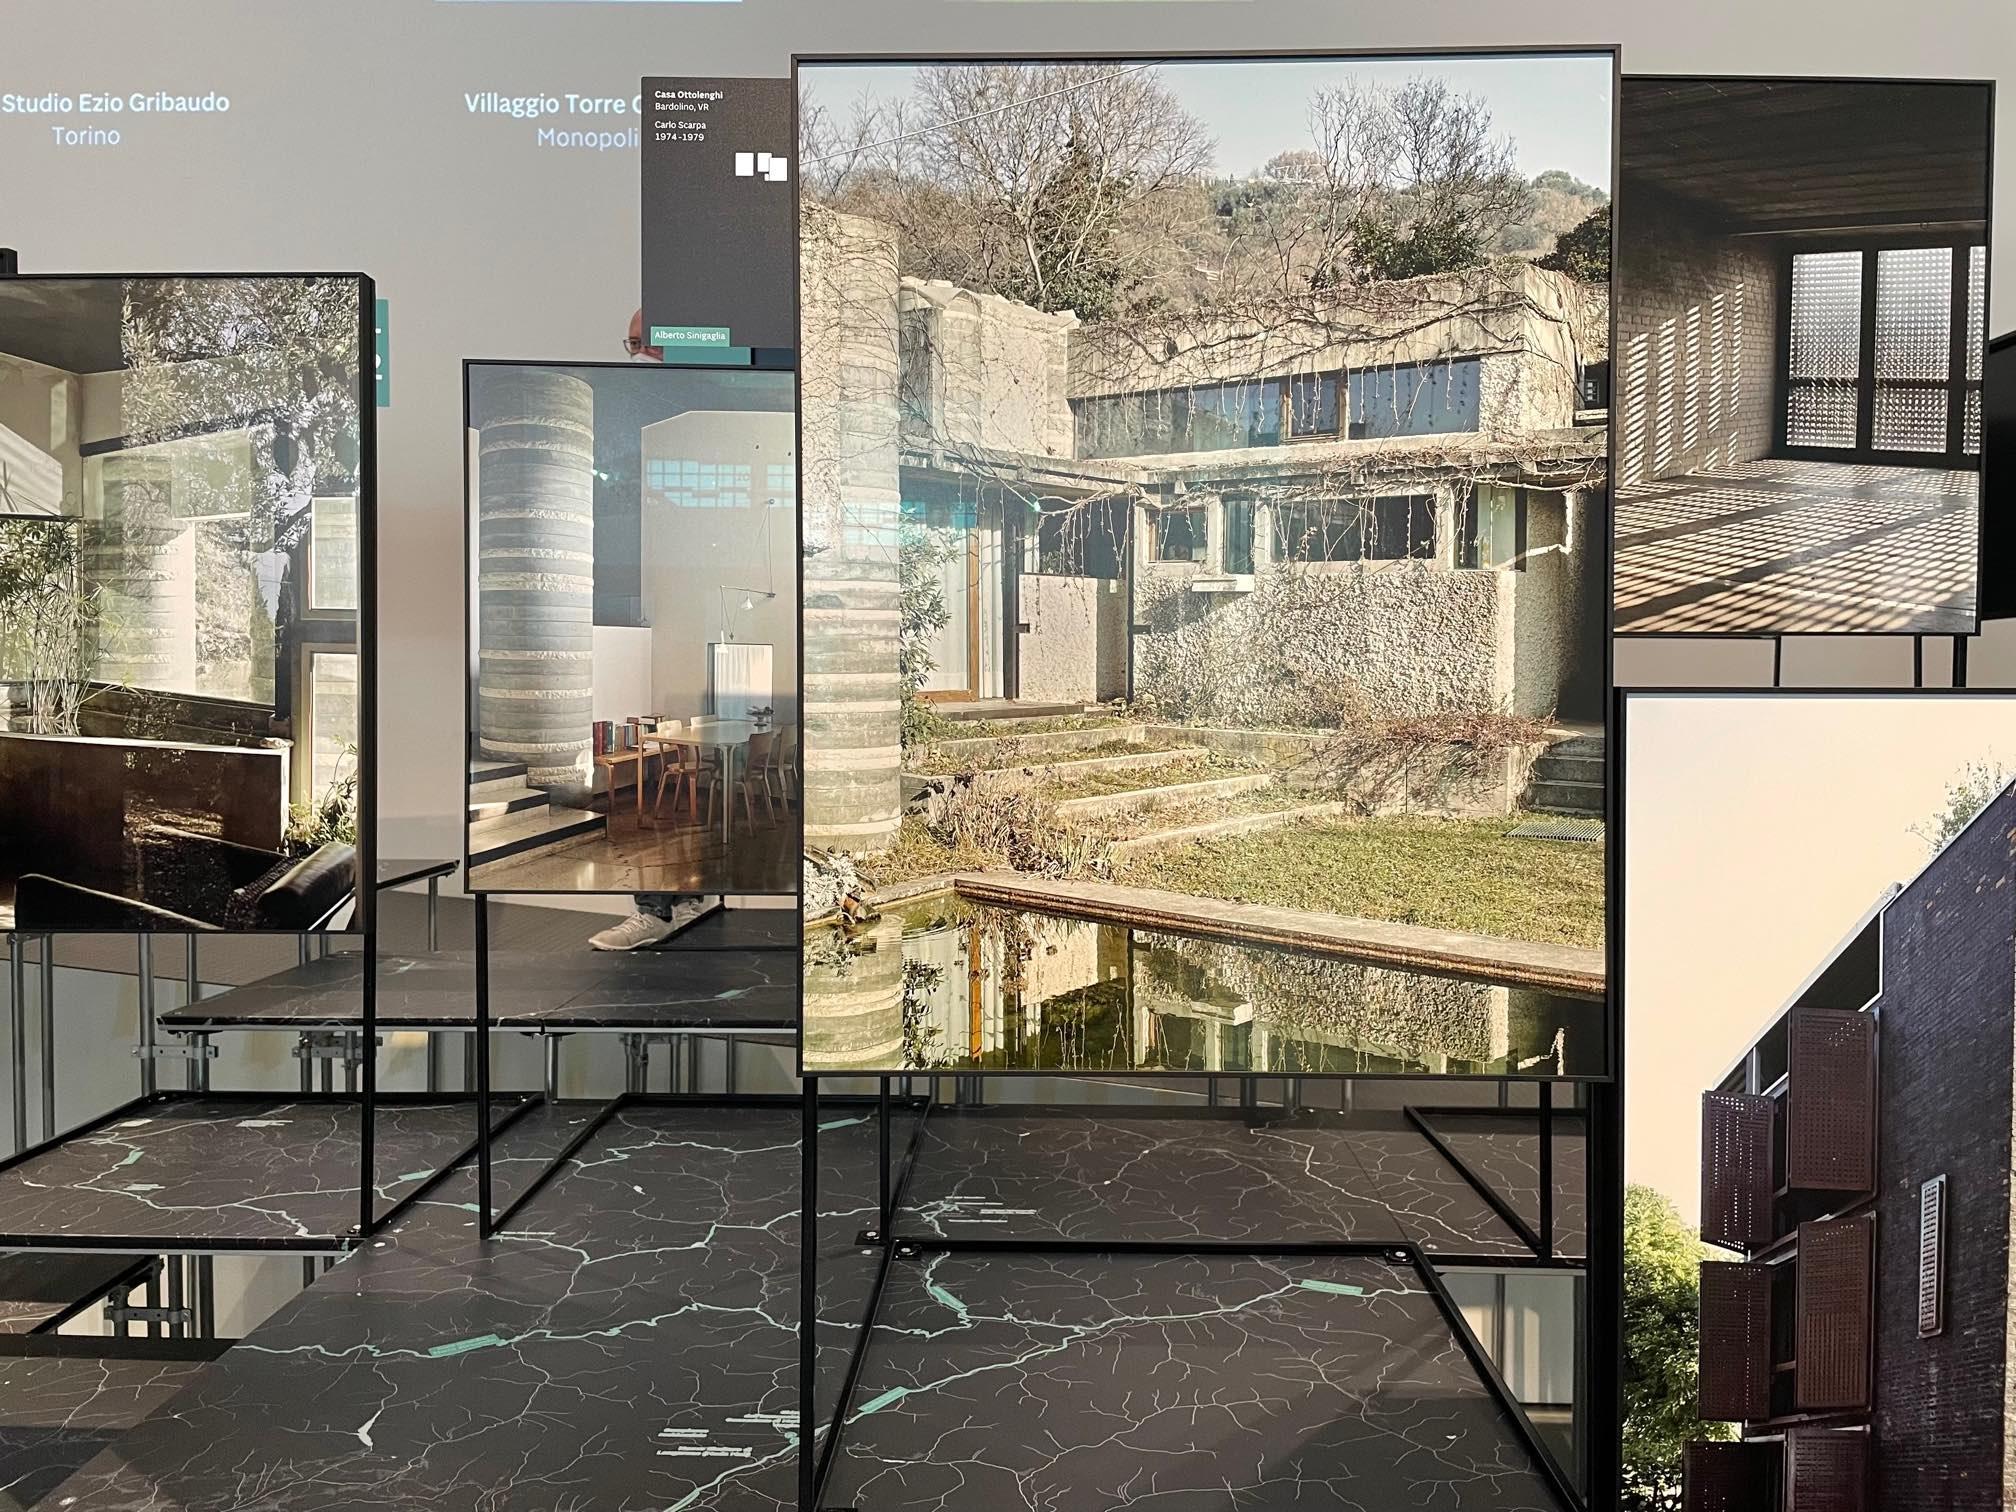 La potenza della fotografia di raccontare l'architettura, la mostra alla Triennale di Milano